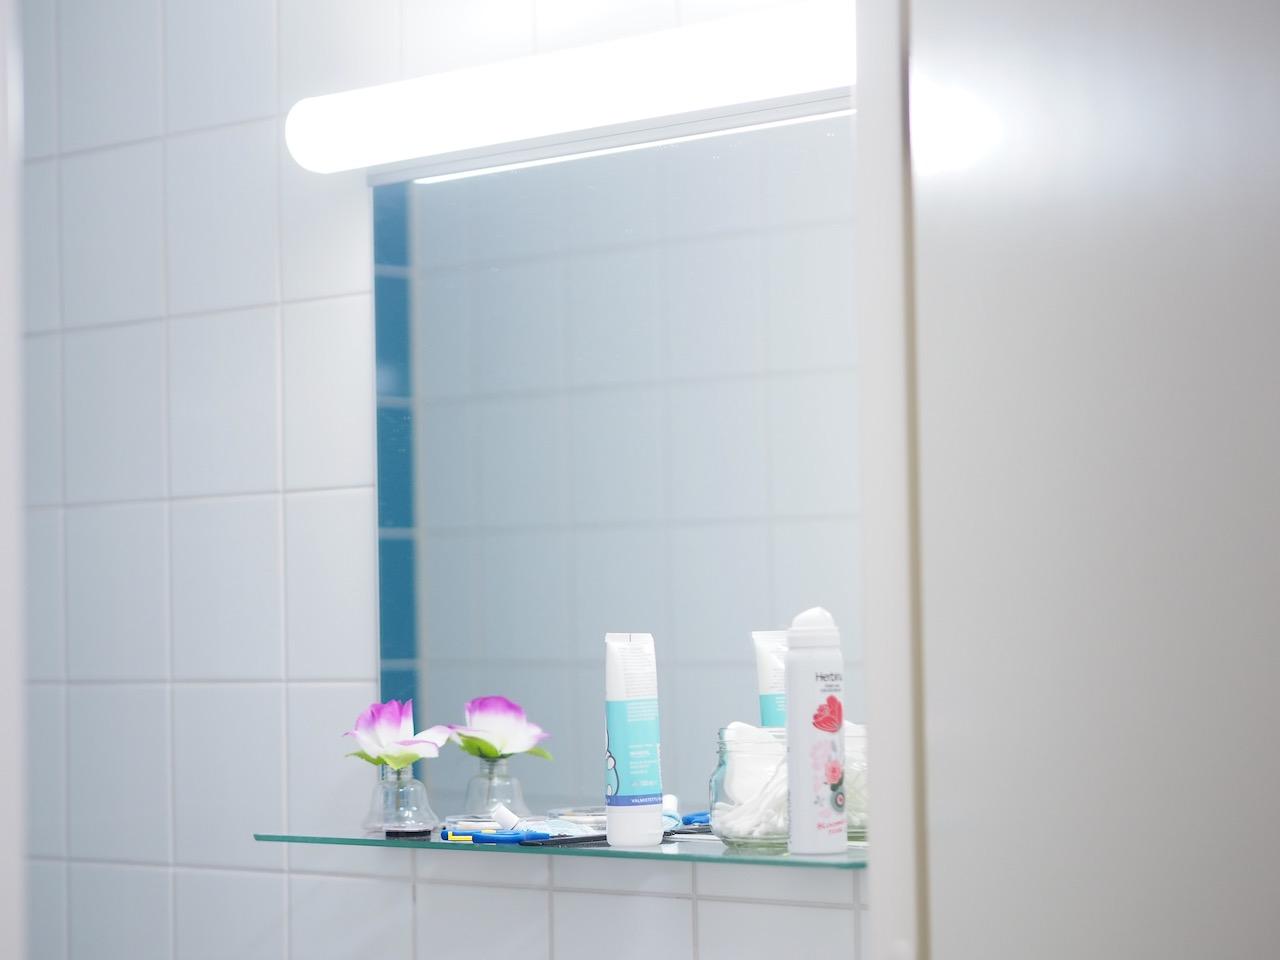 Meikkaamisen lopettaminen laittoi lopun myös peiliin tuijottelulle